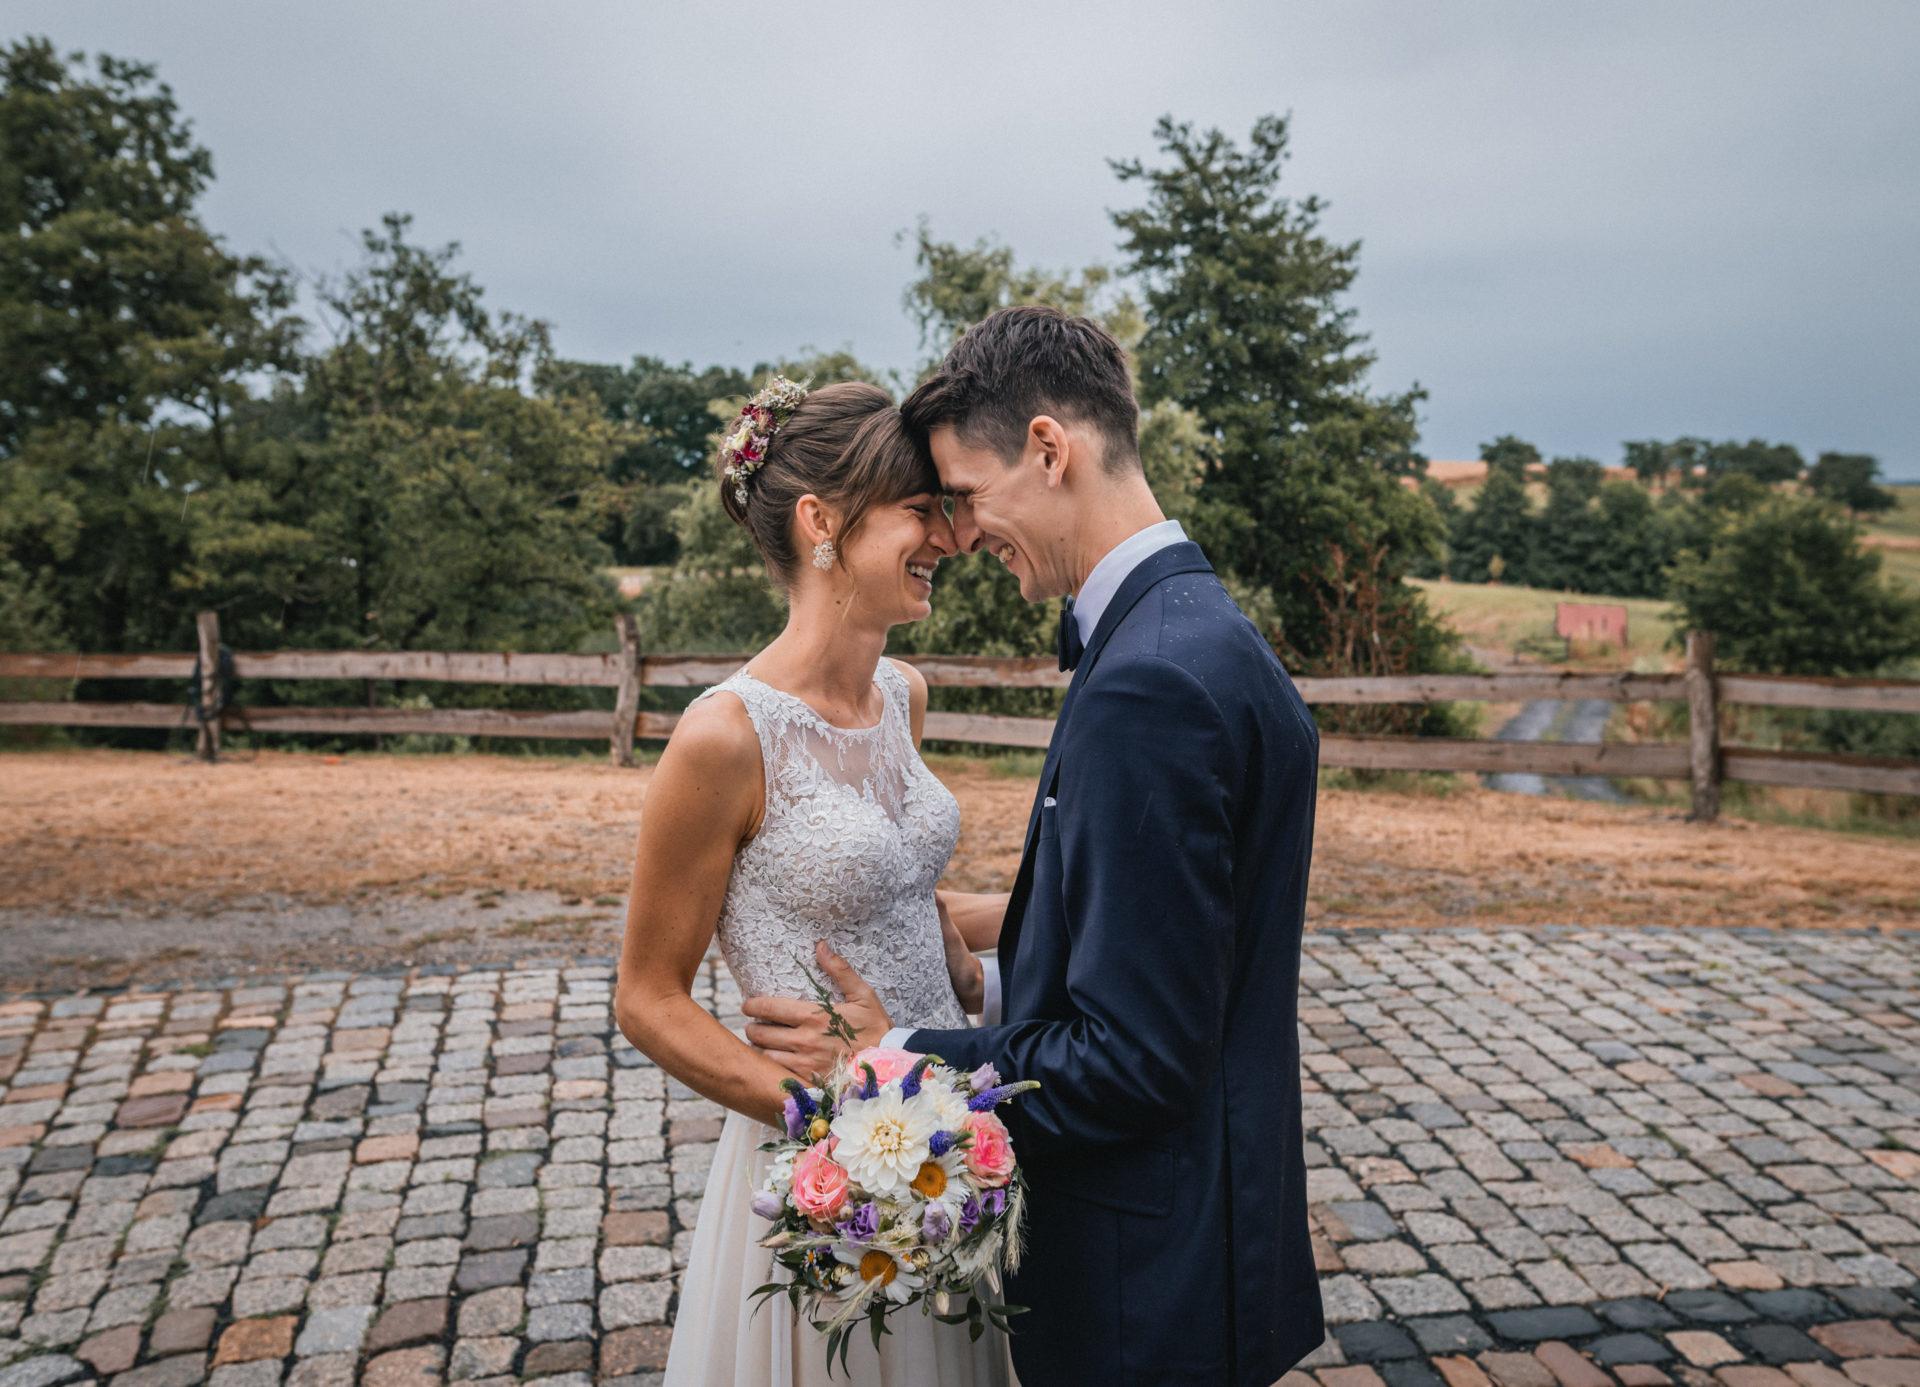 Hochzeitsreportage, Portfolio | Hochzeit auf dem Rittergut Positz | 39